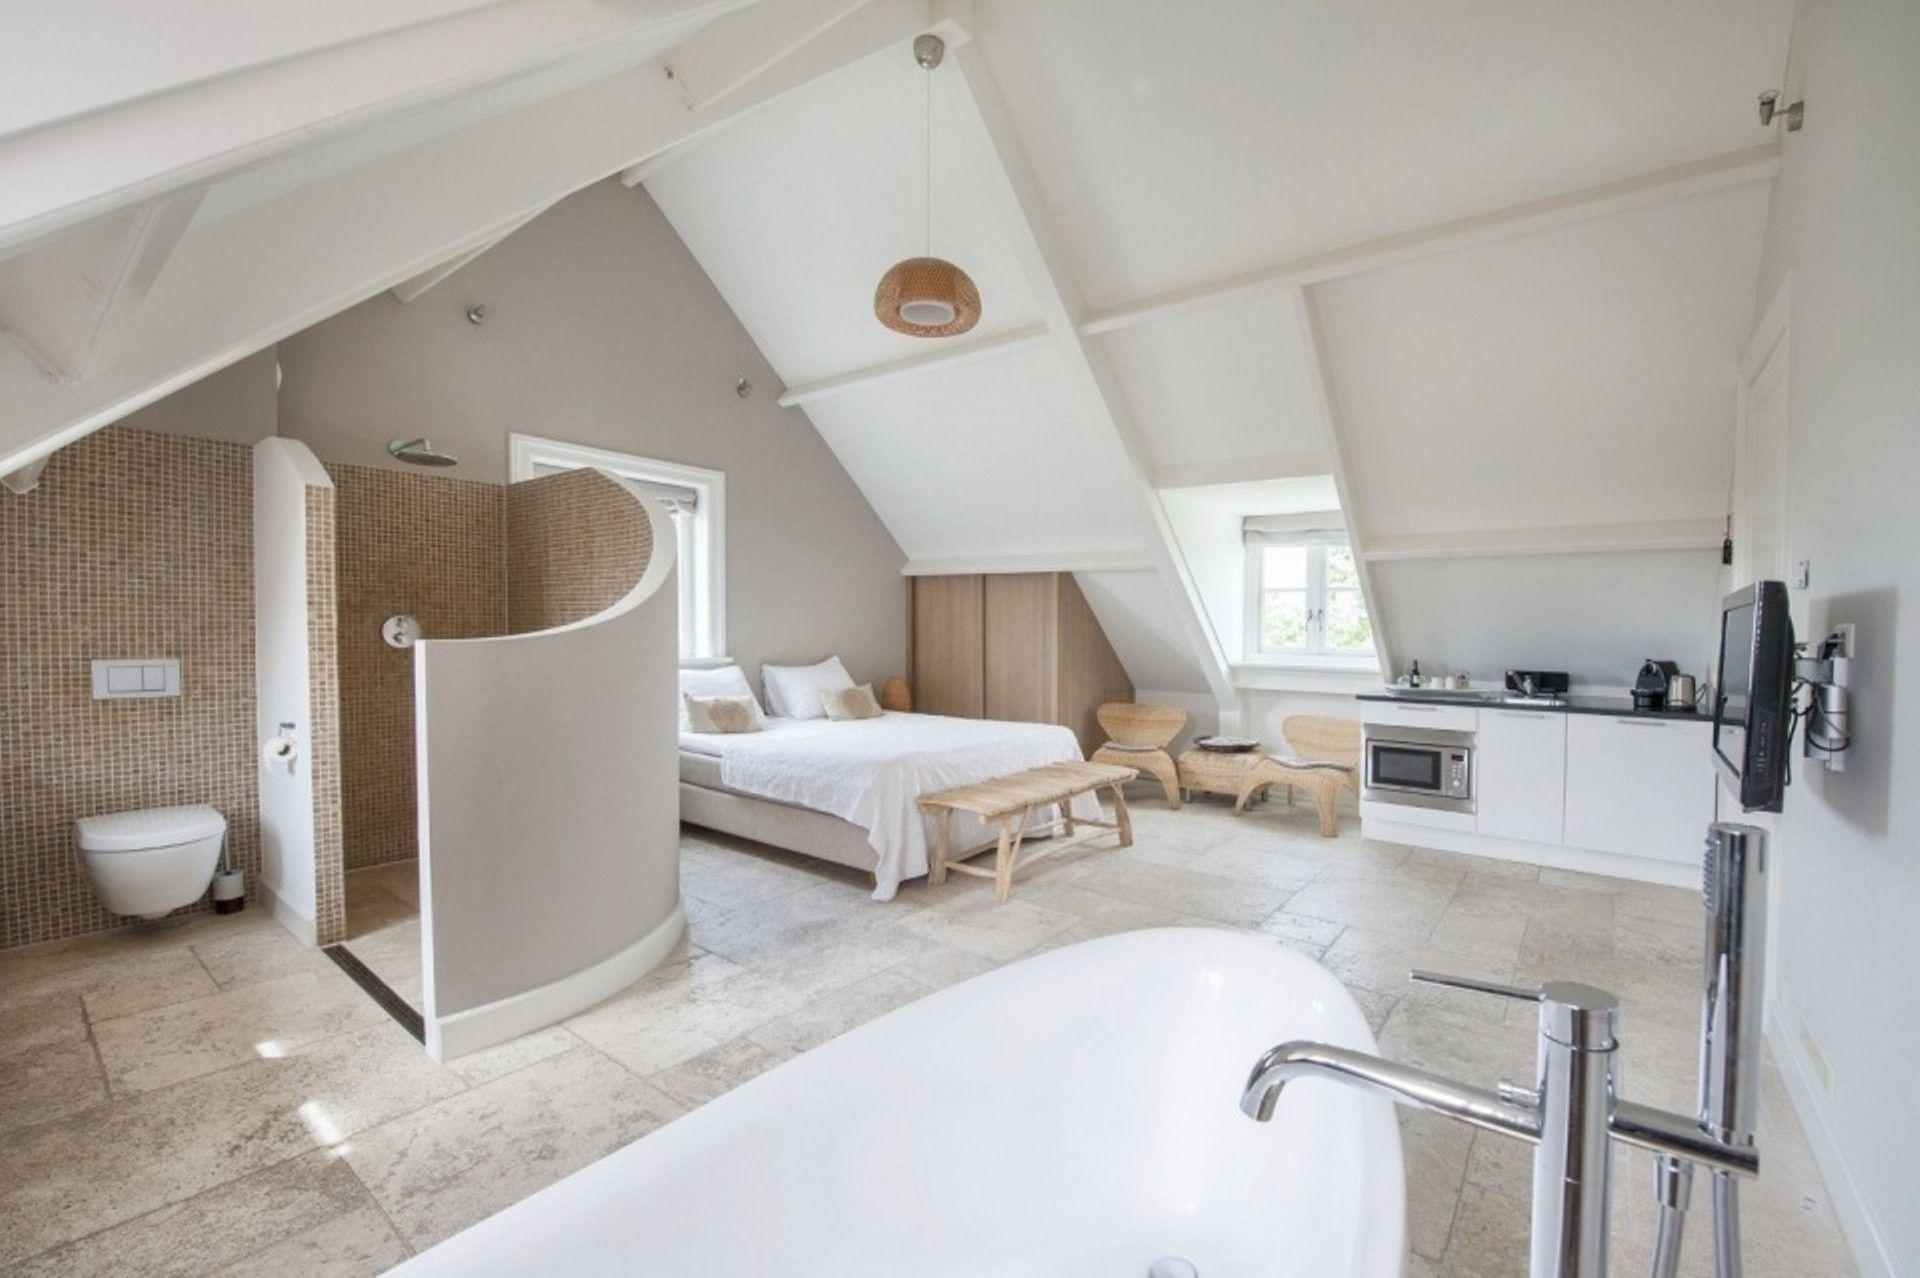 bedroom, white floor, white vaulted ceiling, bed, white kitchen pendant, open bathroom